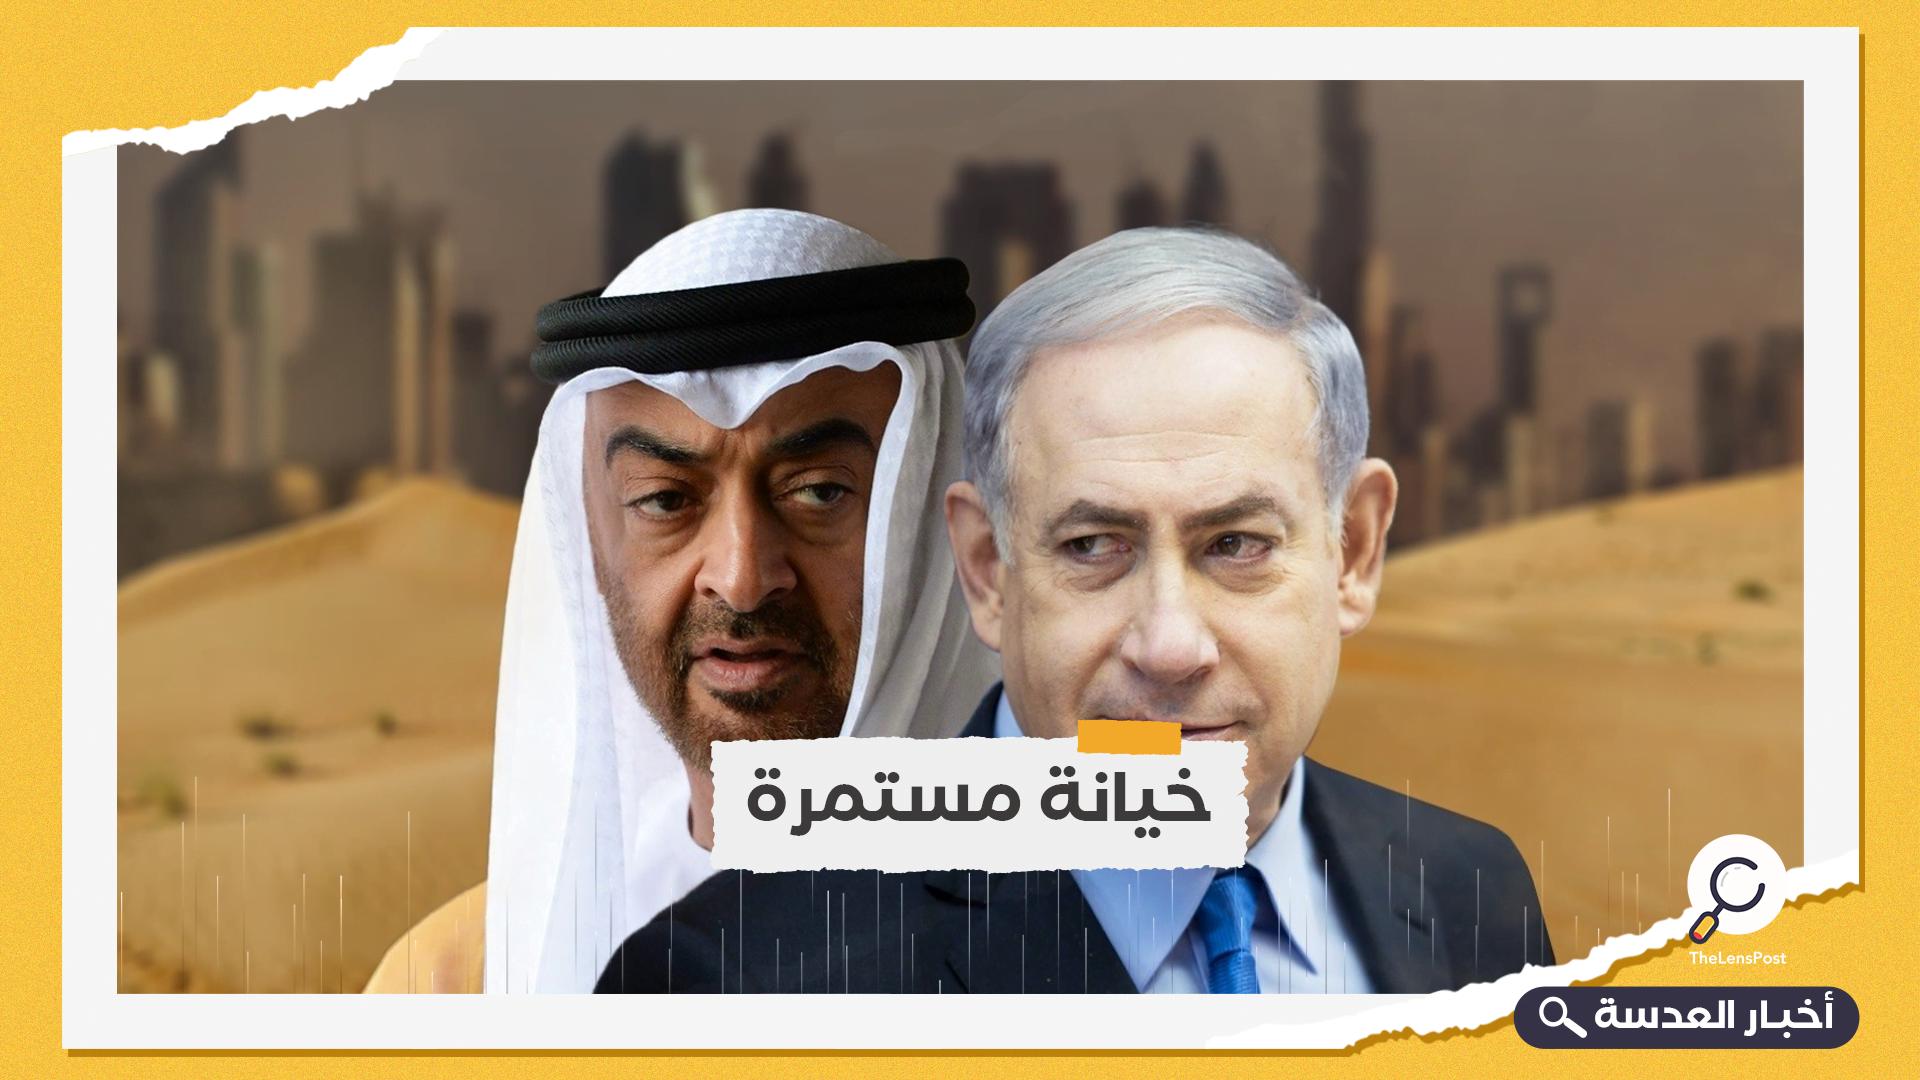 مسلسل التطبيع الإماراتي مستمر.. نتنياهو يلتقي بن زايد (خيانة مستمرة)